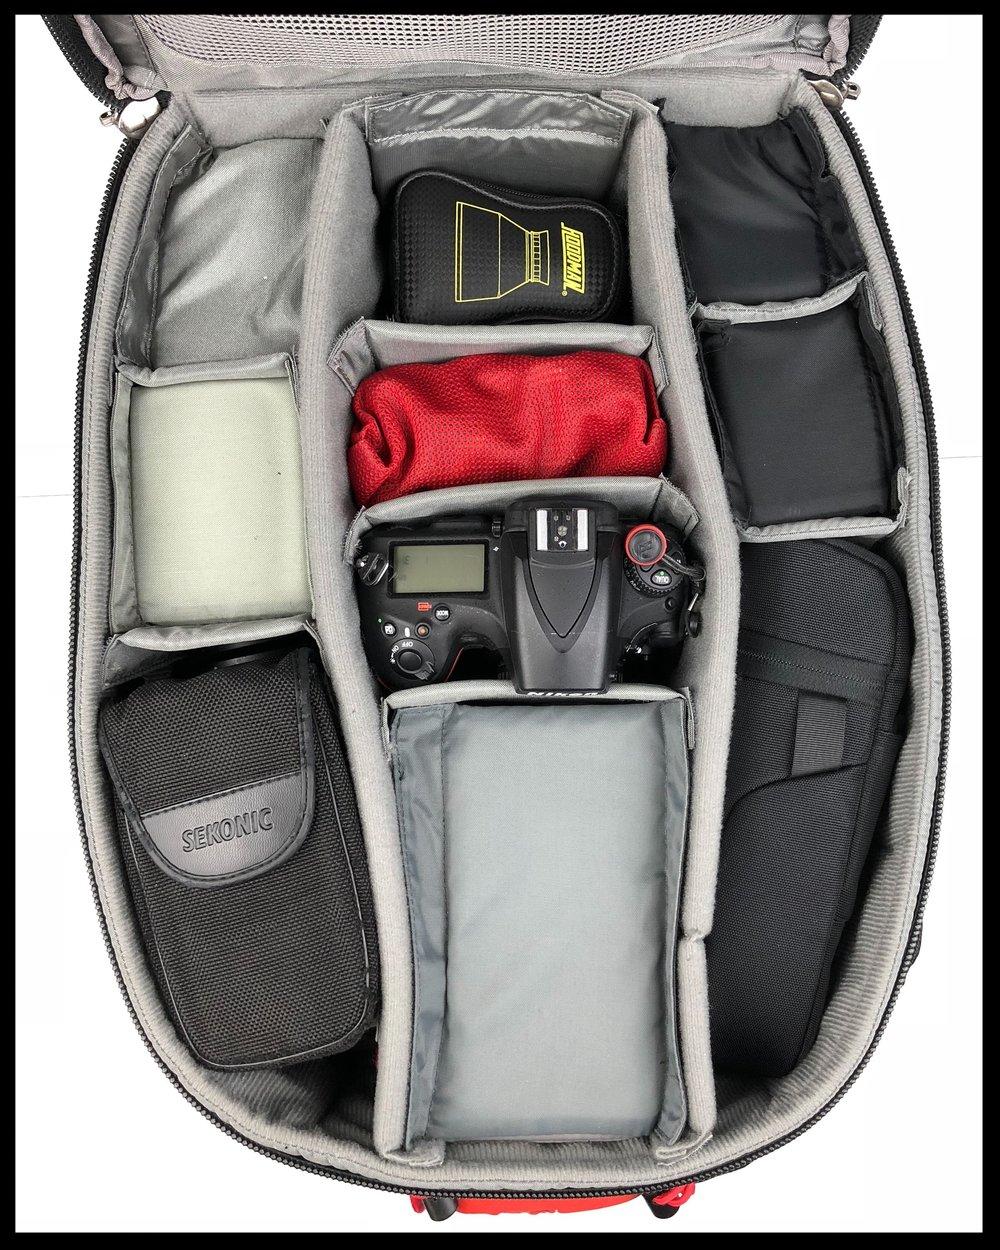 bag-inside.jpg